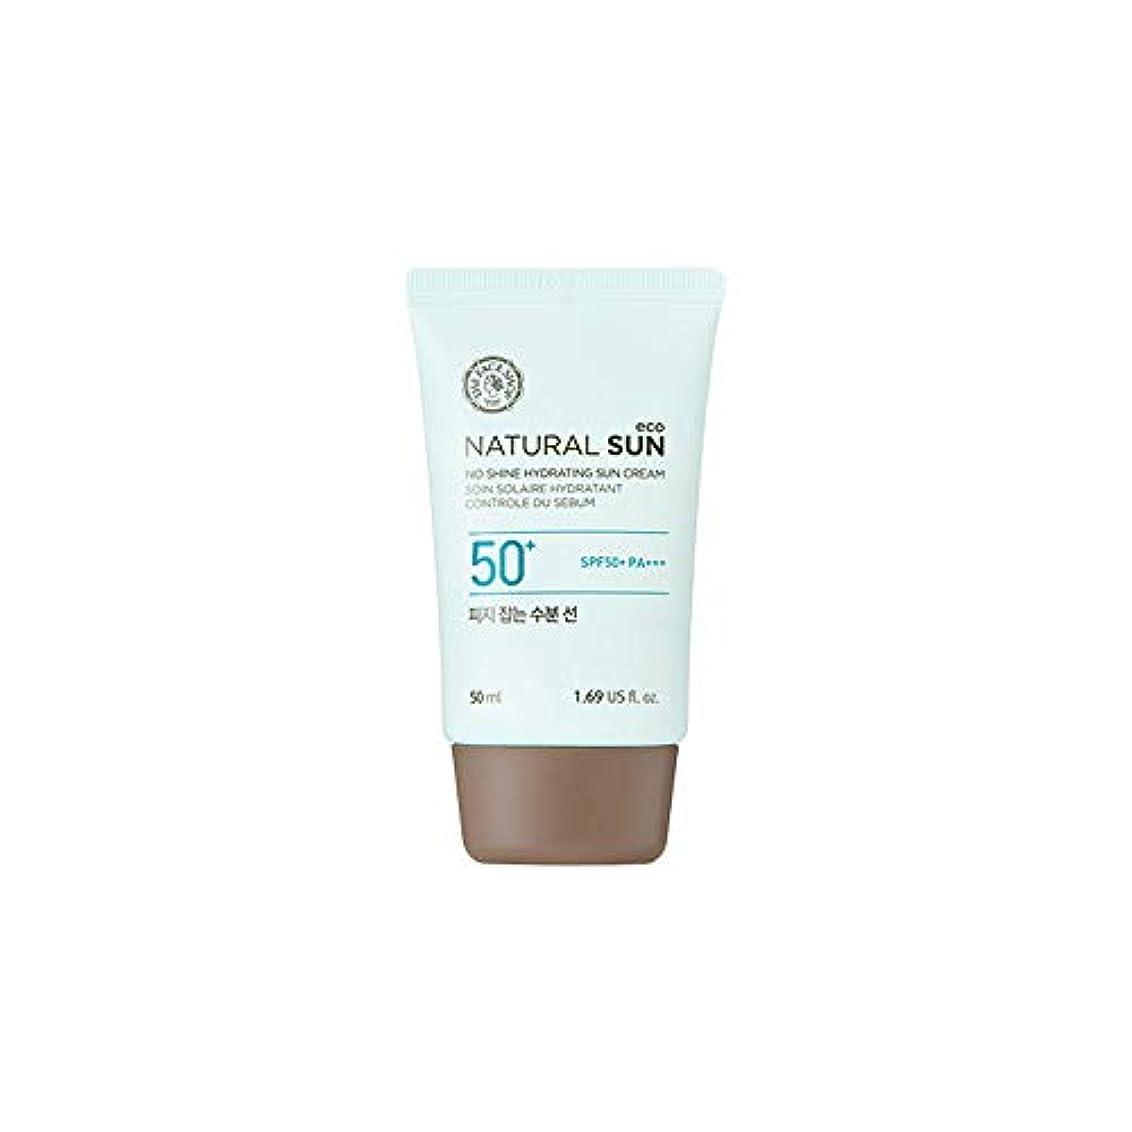 タイプライター金曜日西[ザ?フェイスショップ] The Face Shop ナチュラルサン エコ ノーシャイン?ハイドレーティング?サン?クリーム SPF40 PA+++ The Face Shop Natural Sun Eco No Shine...